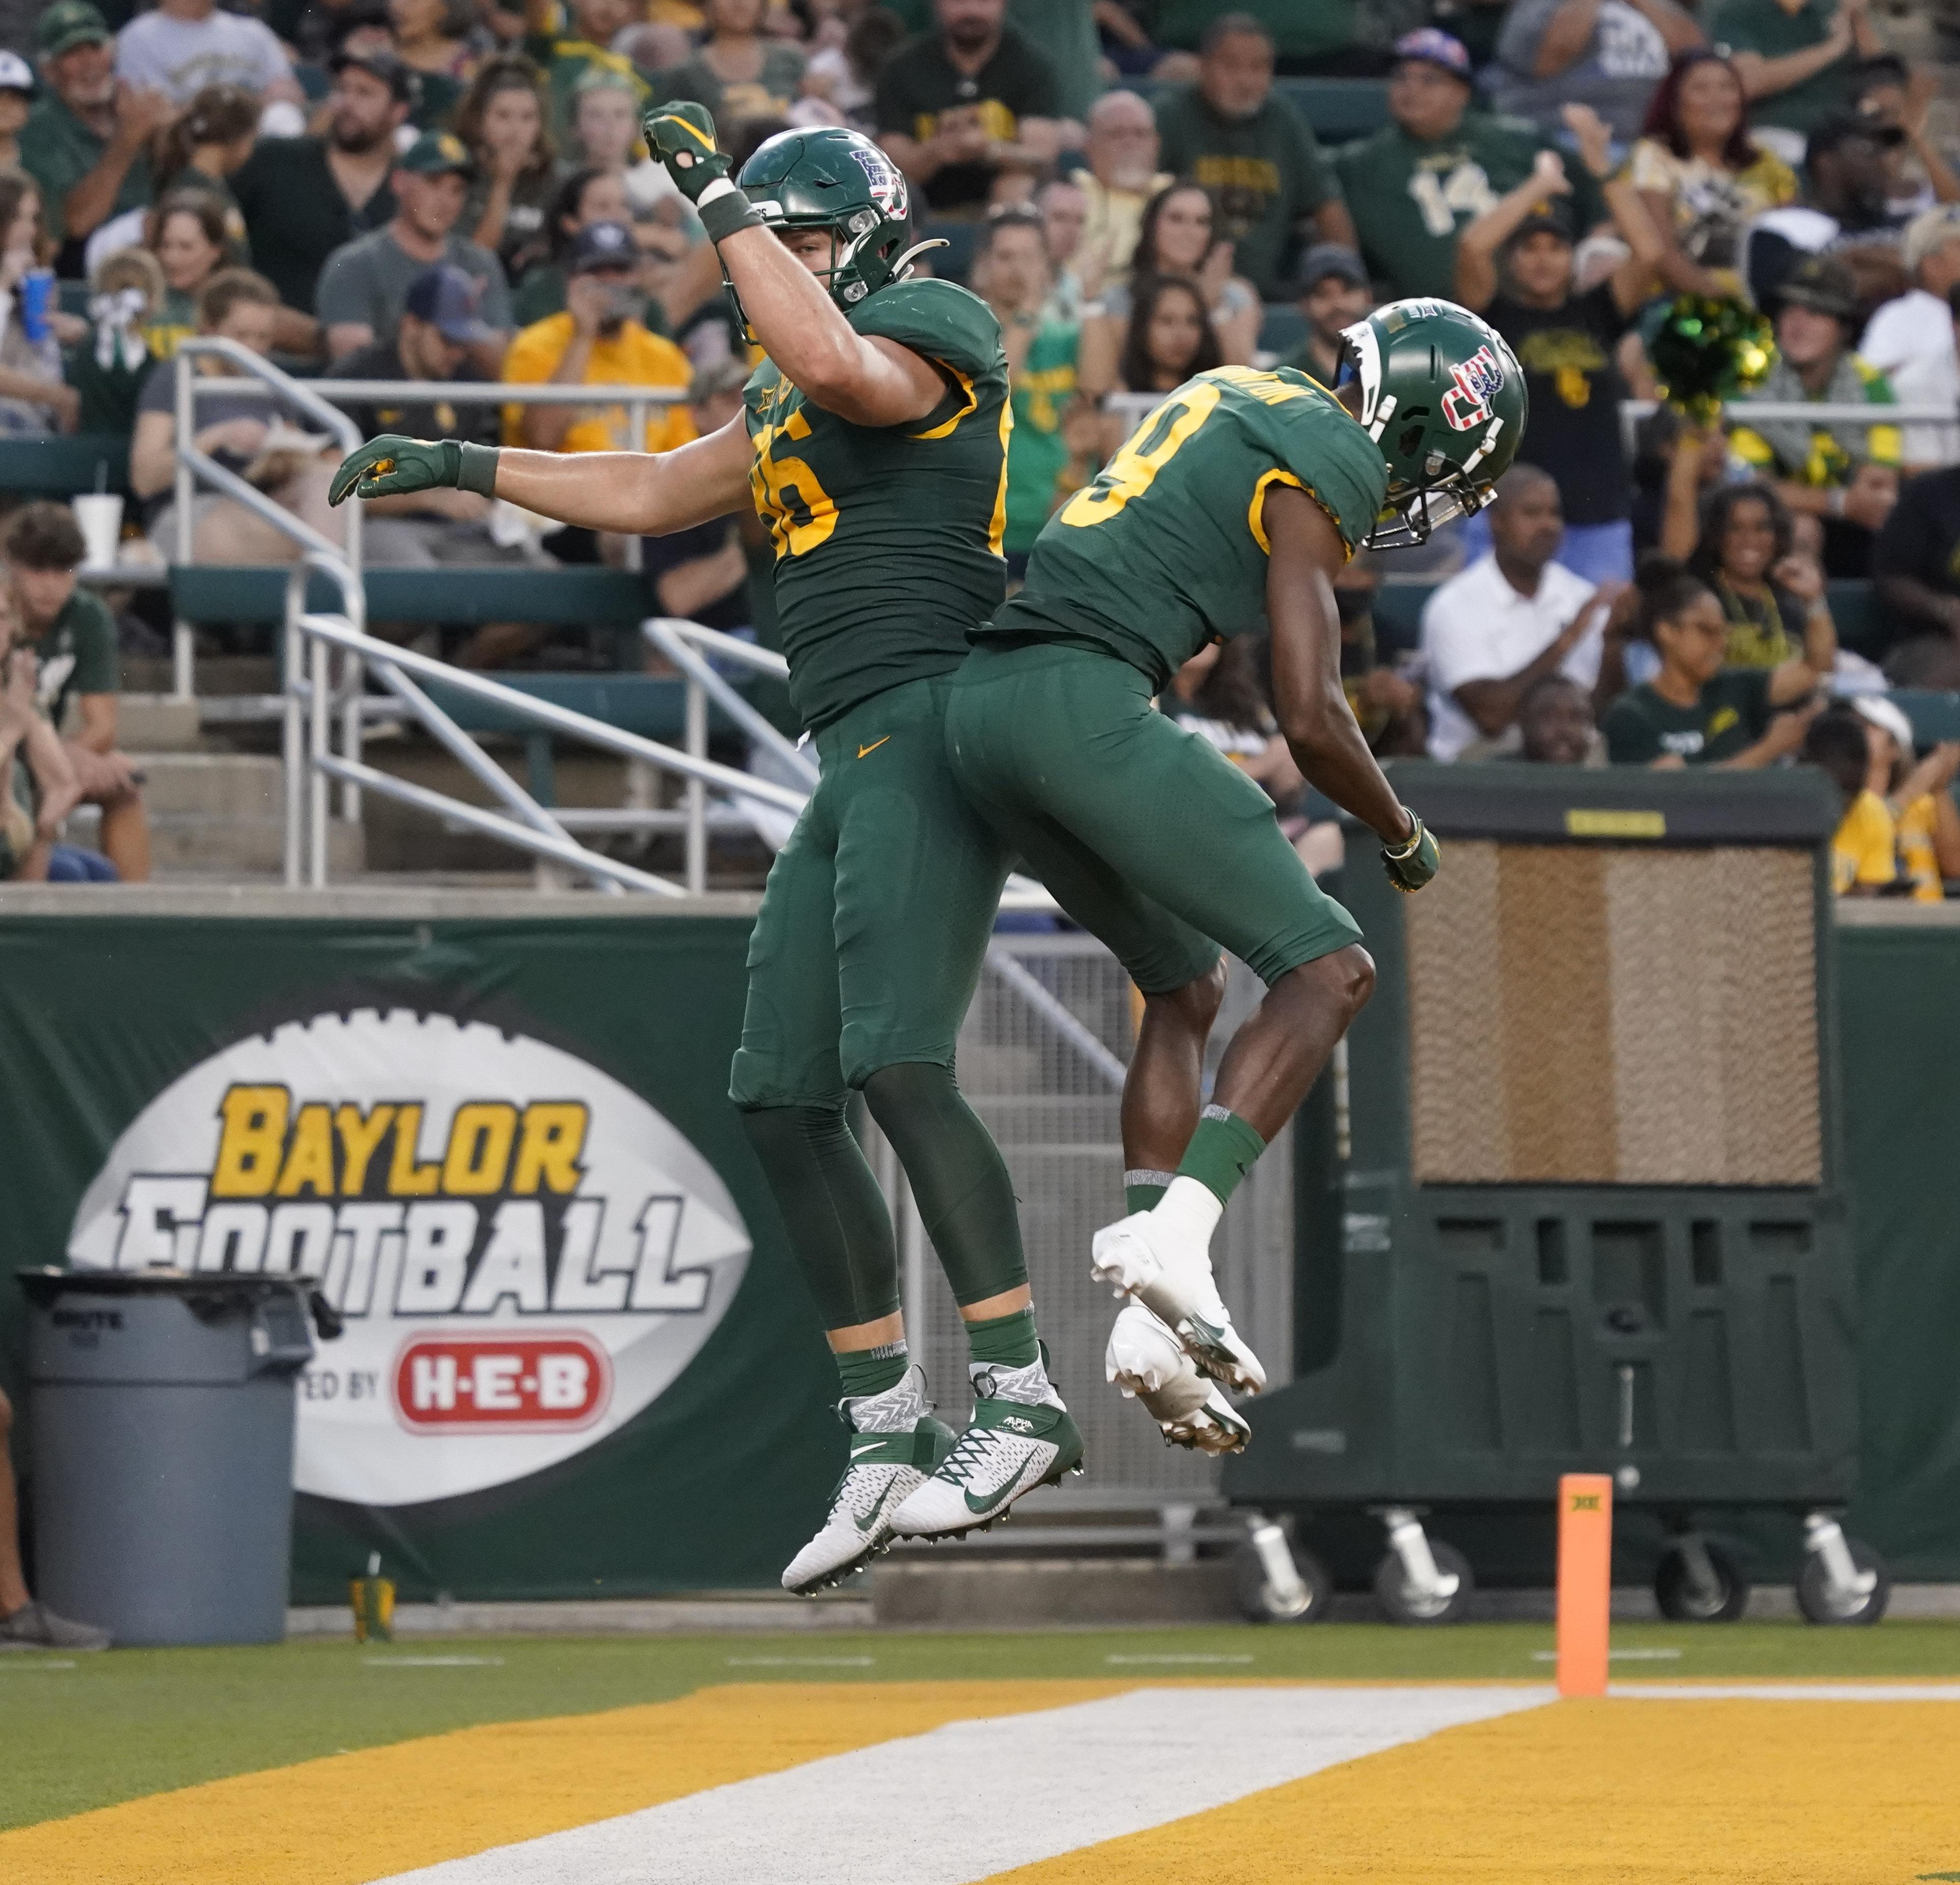 NCAA Football: Texas Southern at Baylor